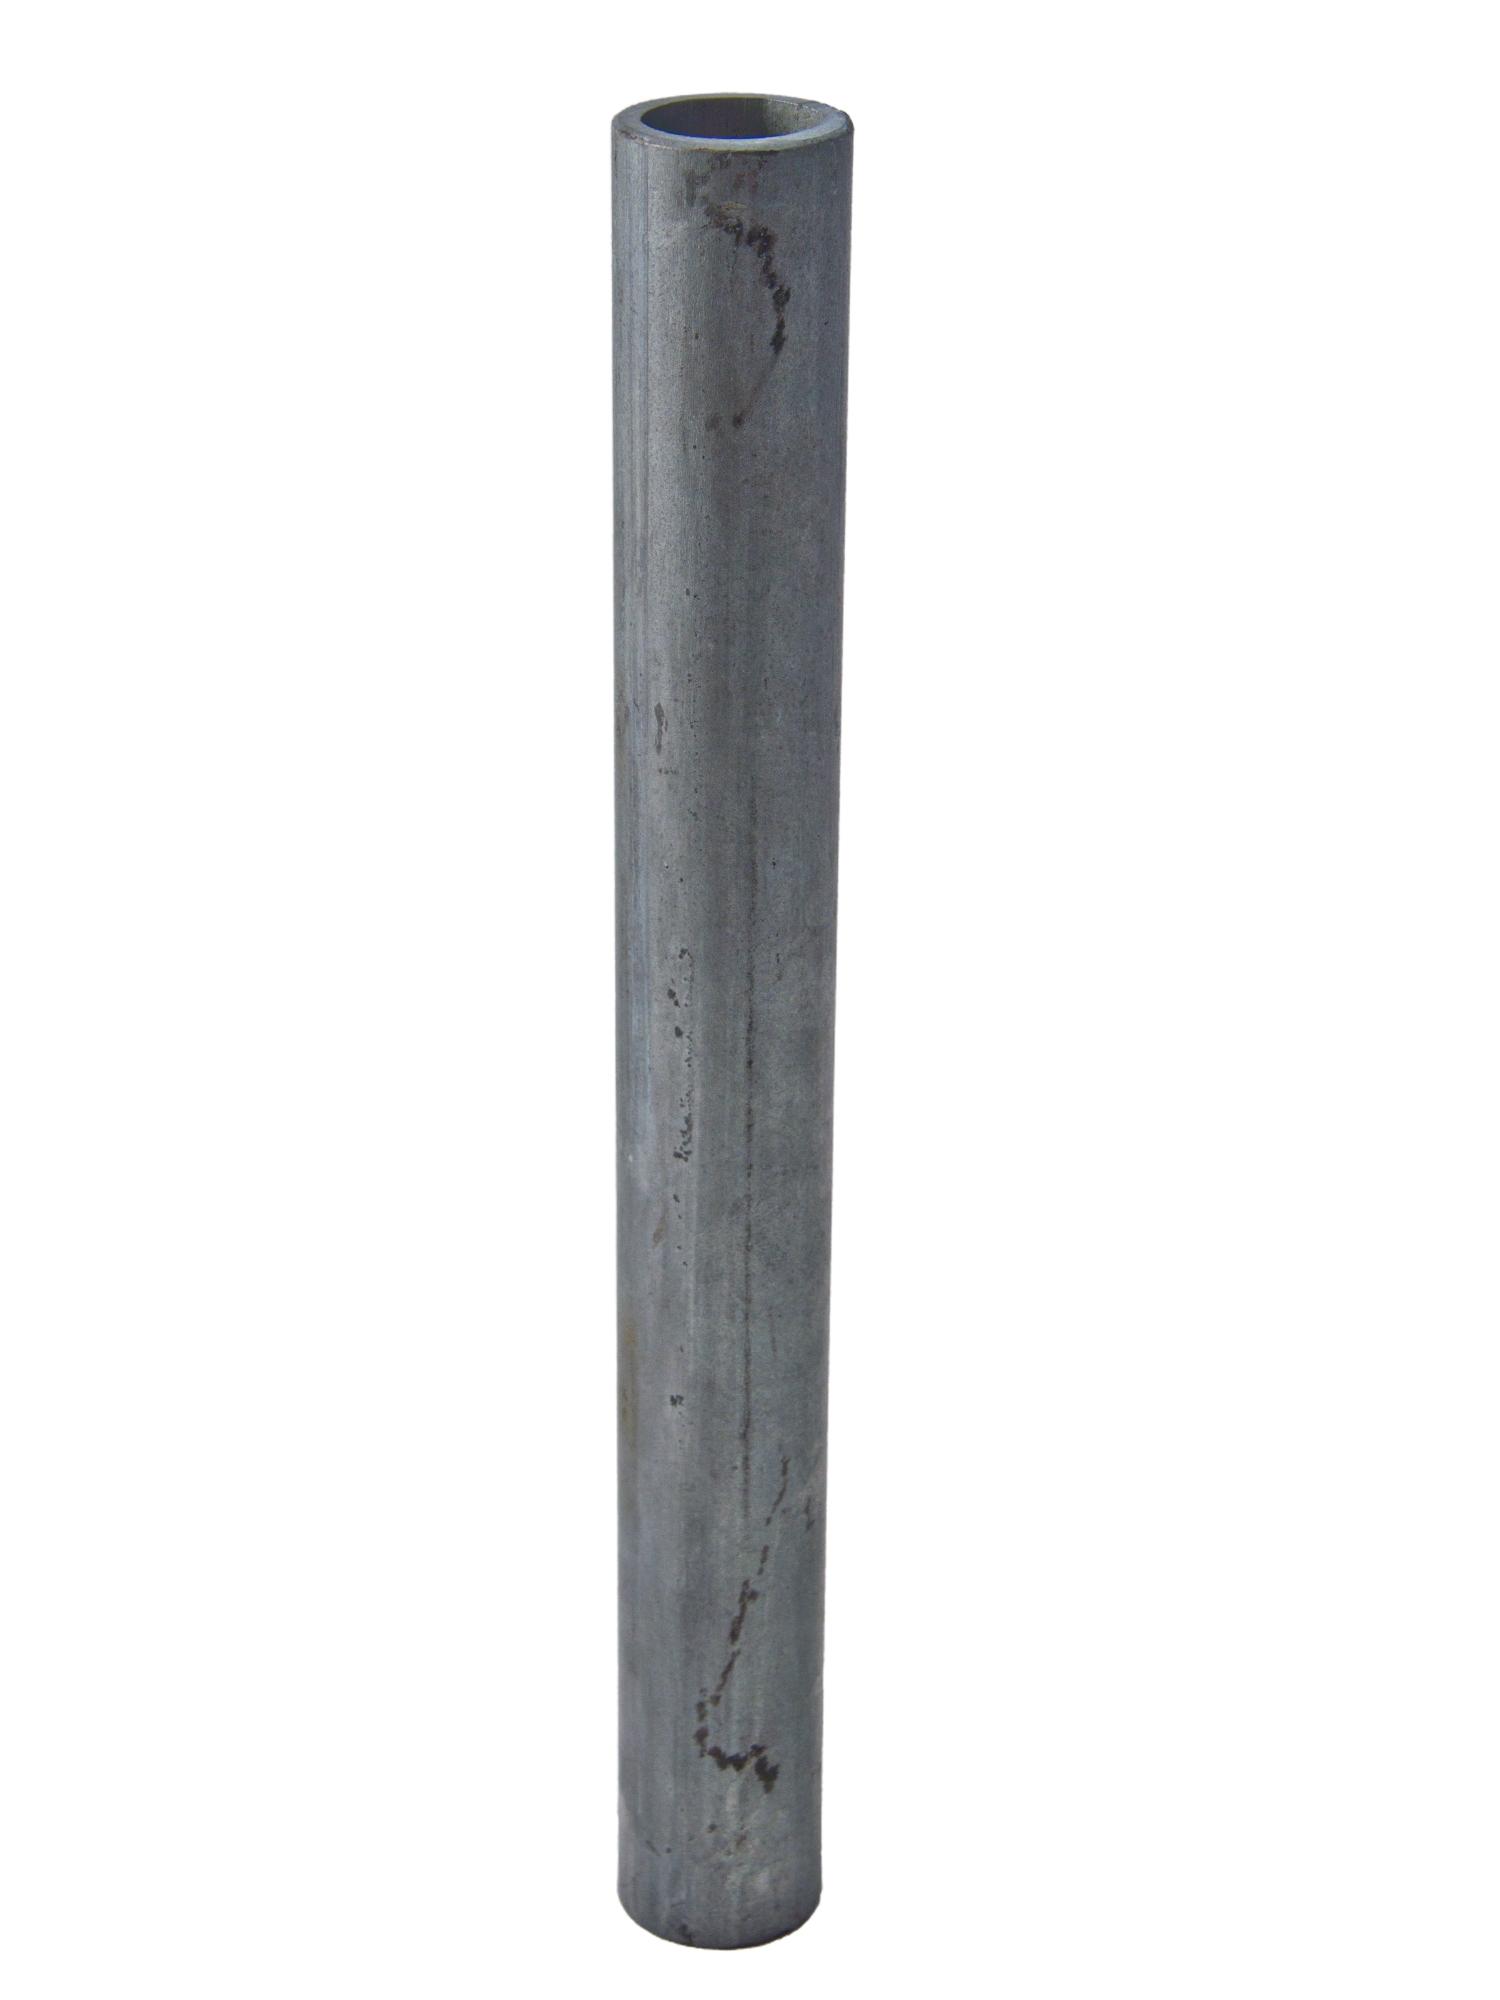 Einschlagrohr für Einschlagbodenhülse Oktavia Zwischensäule